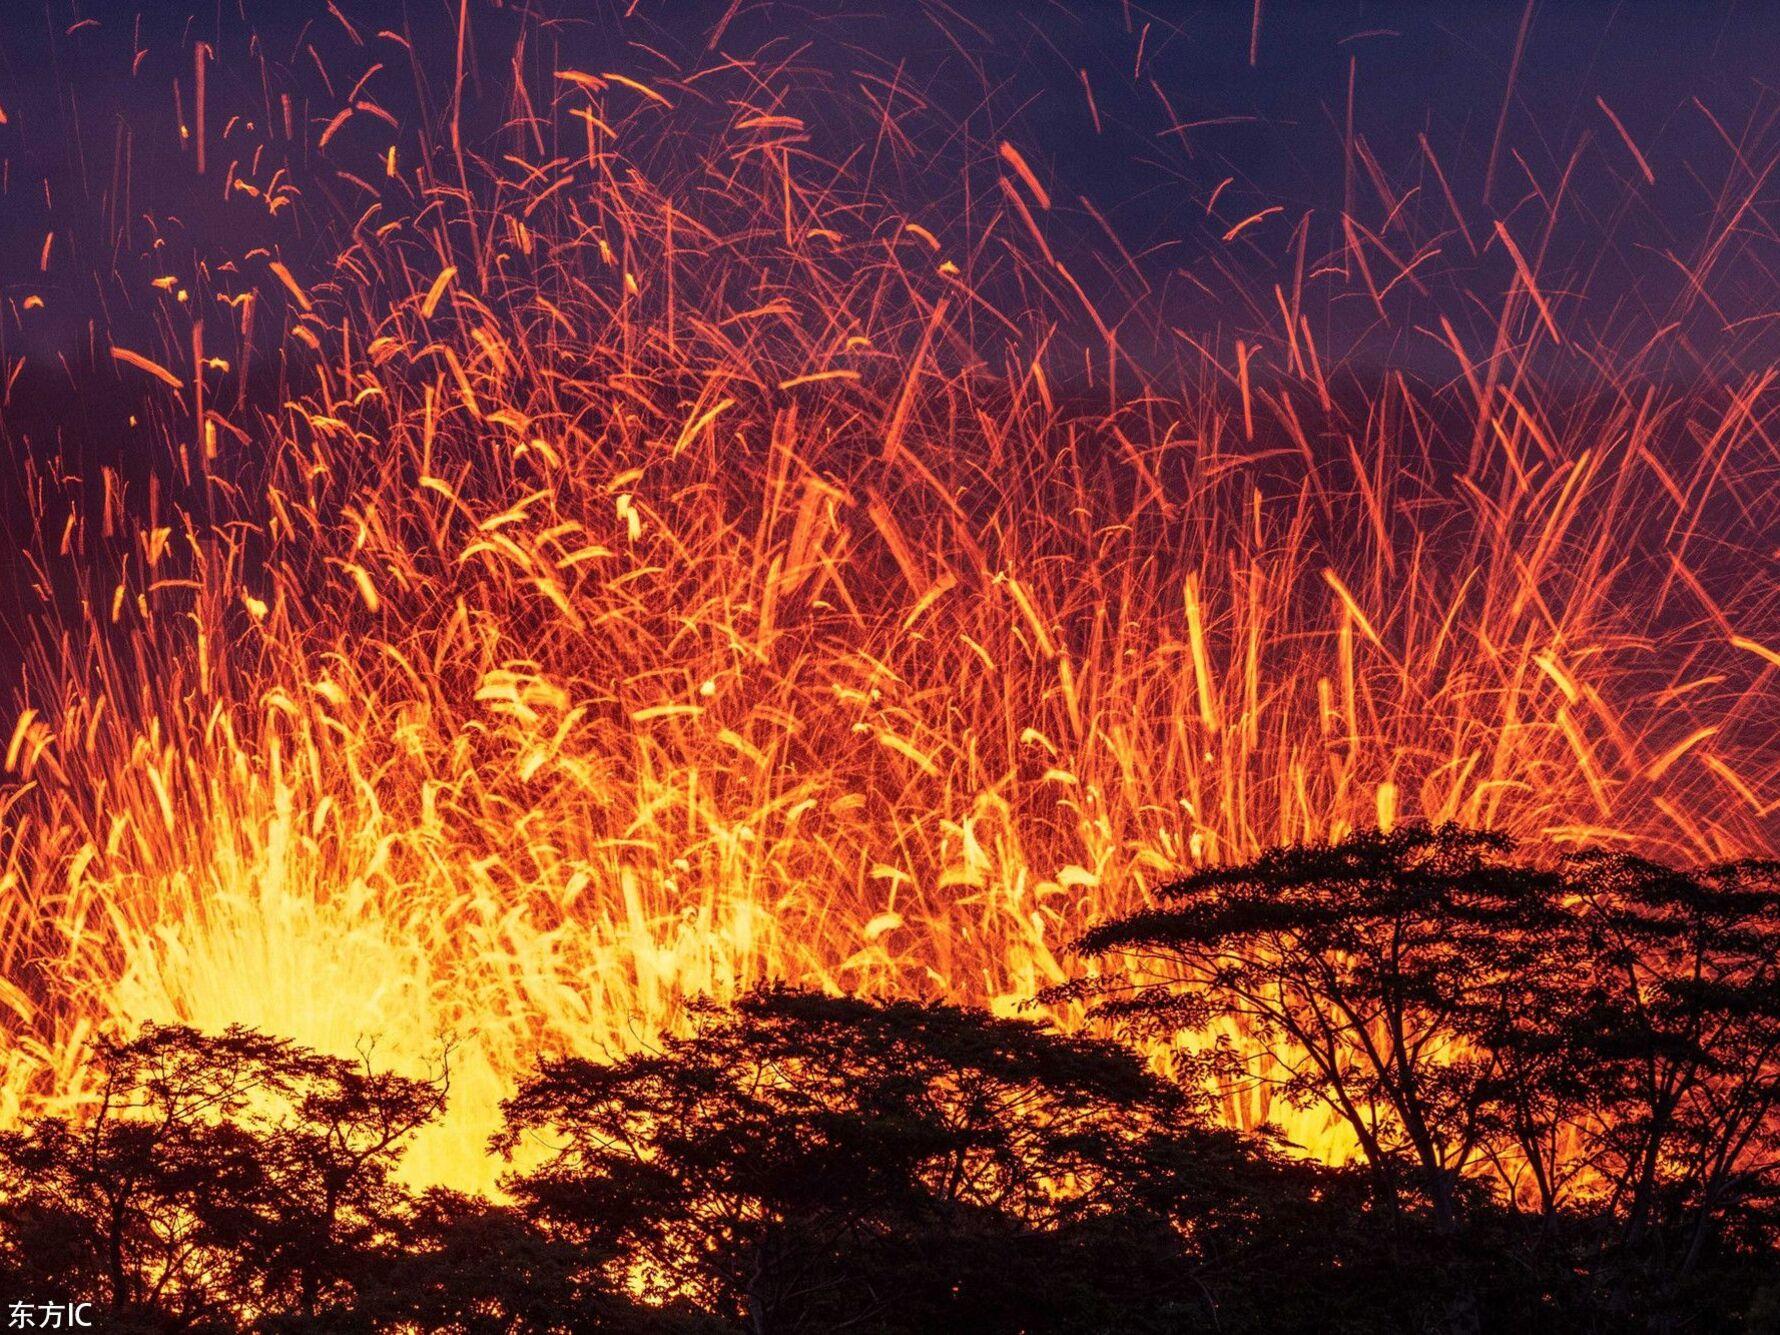 摄影师近距拍夏威夷火山喷发